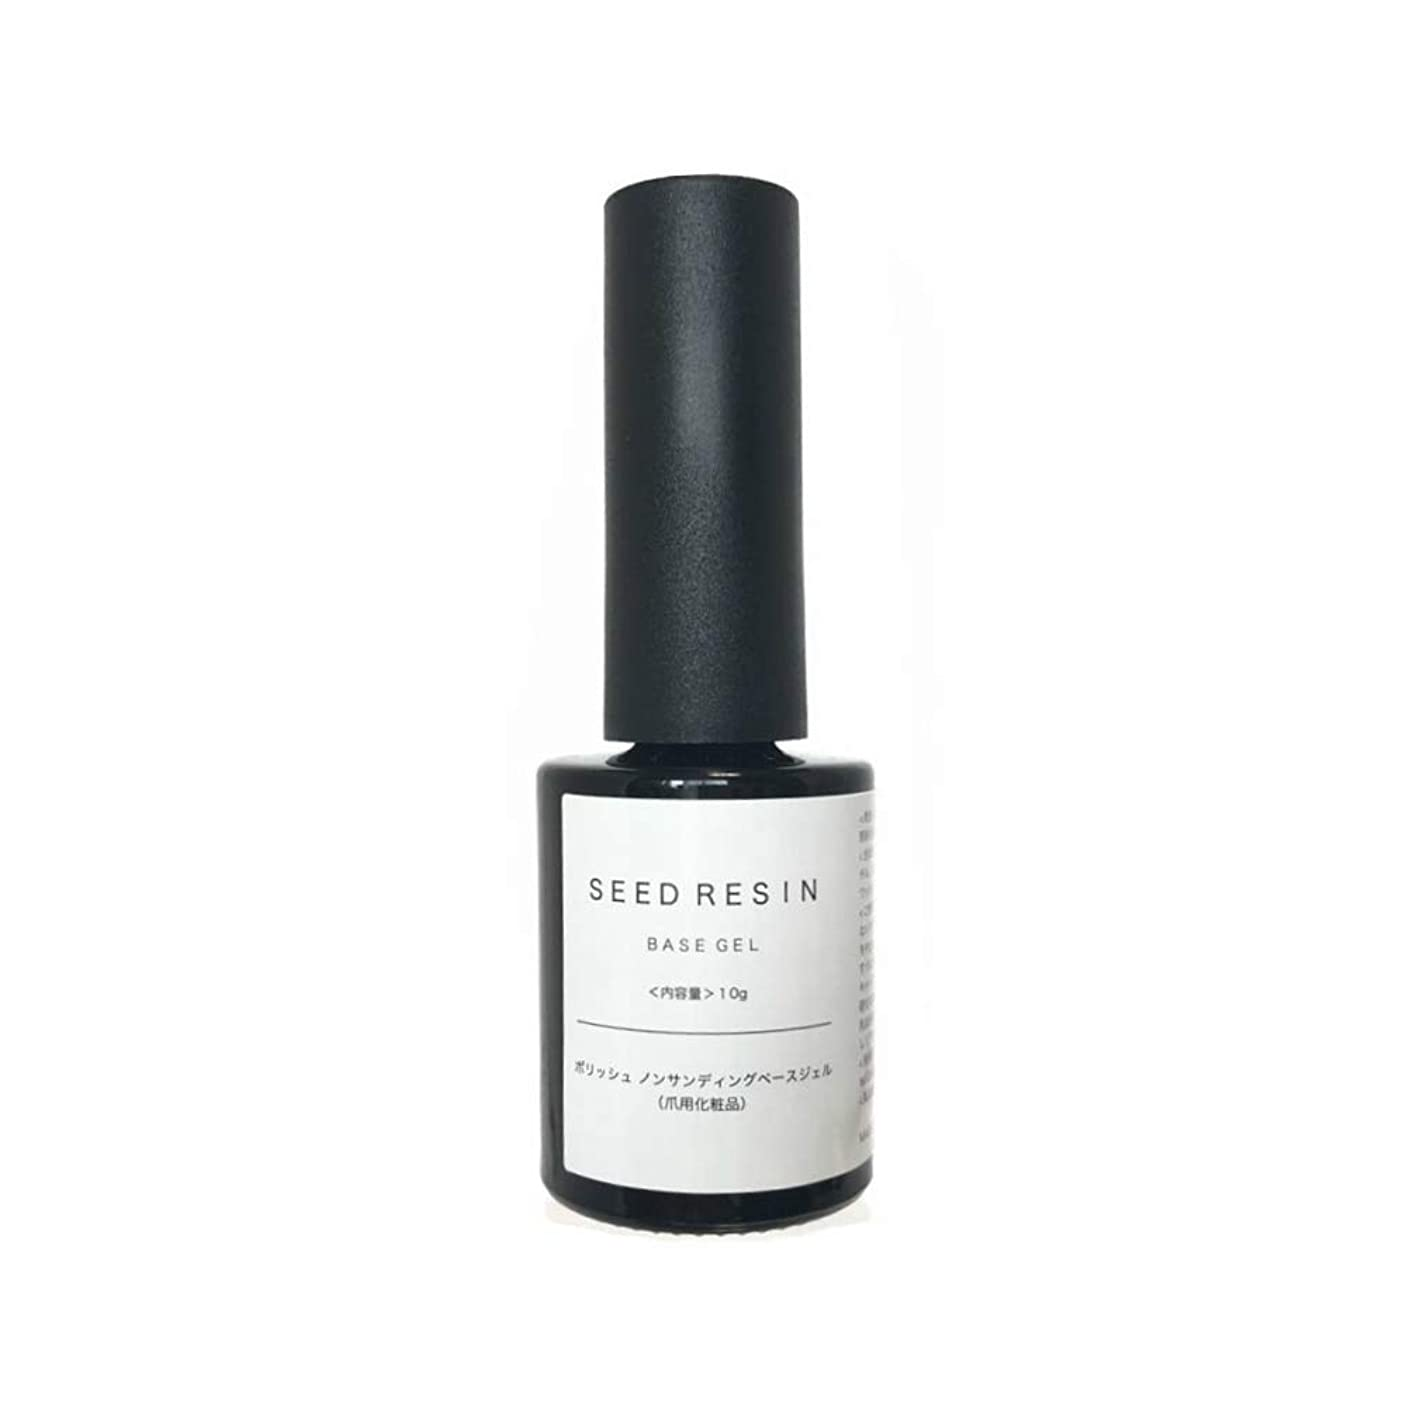 示す男残高SEED RESIN(シードレジン) ジェルネイル ポリッシュ ノンサンディング ベースジェル 10g 爪用化粧品